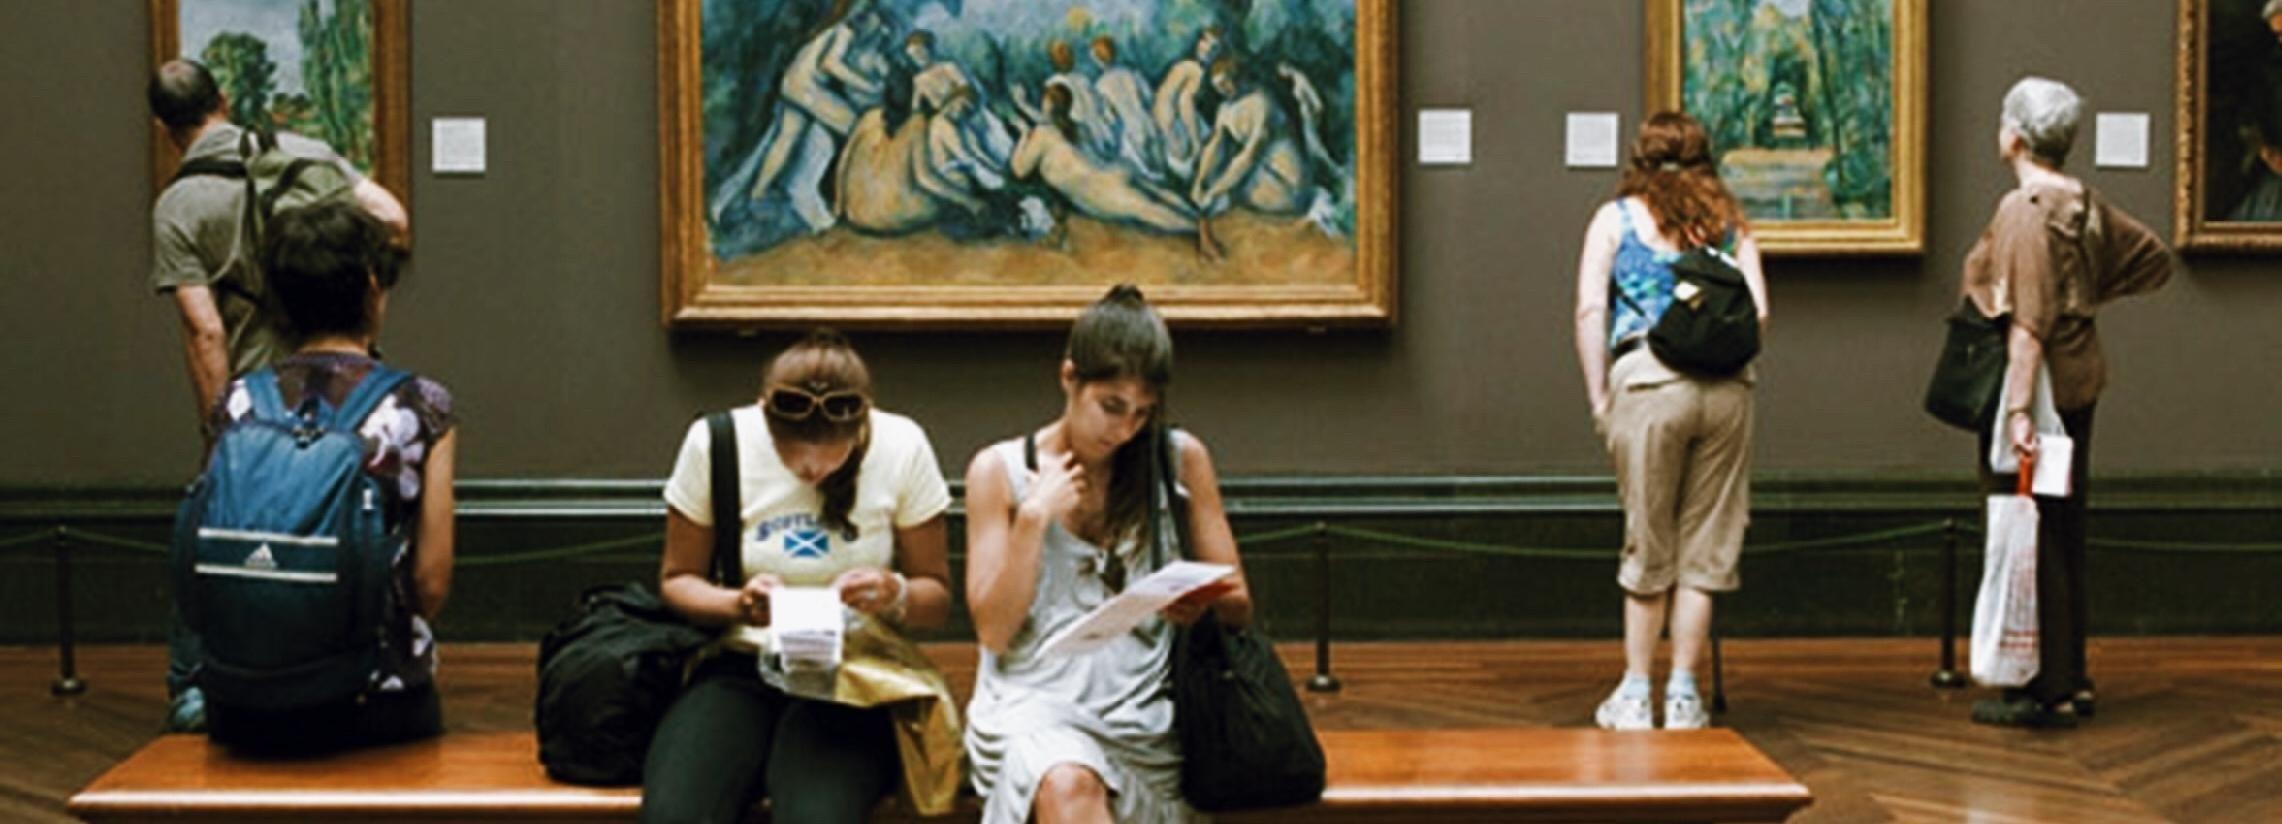 Londra: tour guidato della National Gallery